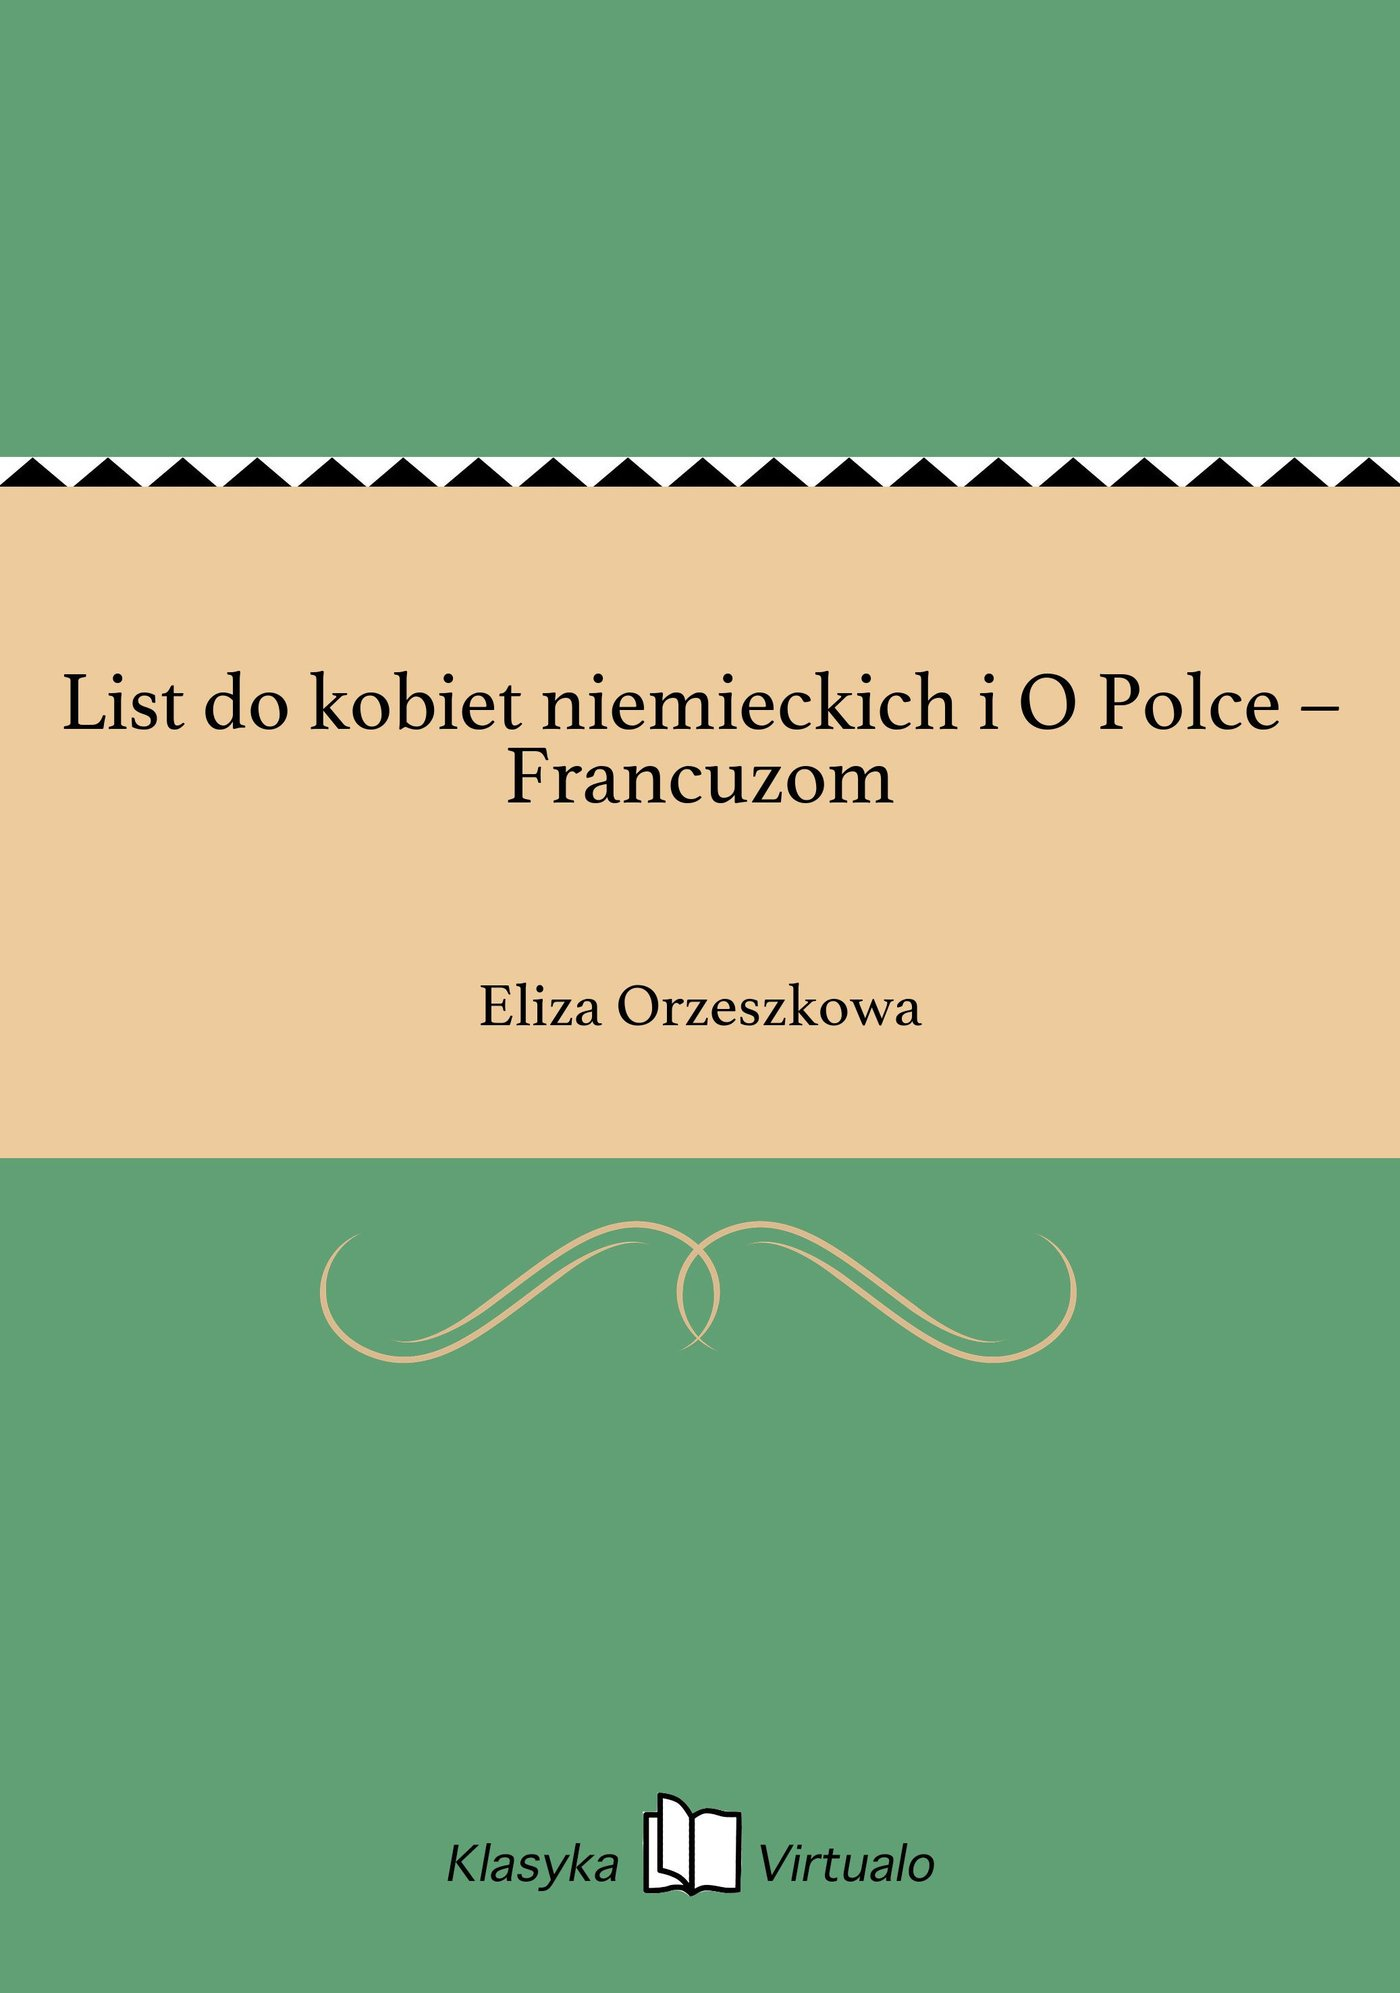 List do kobiet niemieckich i O Polce – Francuzom - Ebook (Książka EPUB) do pobrania w formacie EPUB